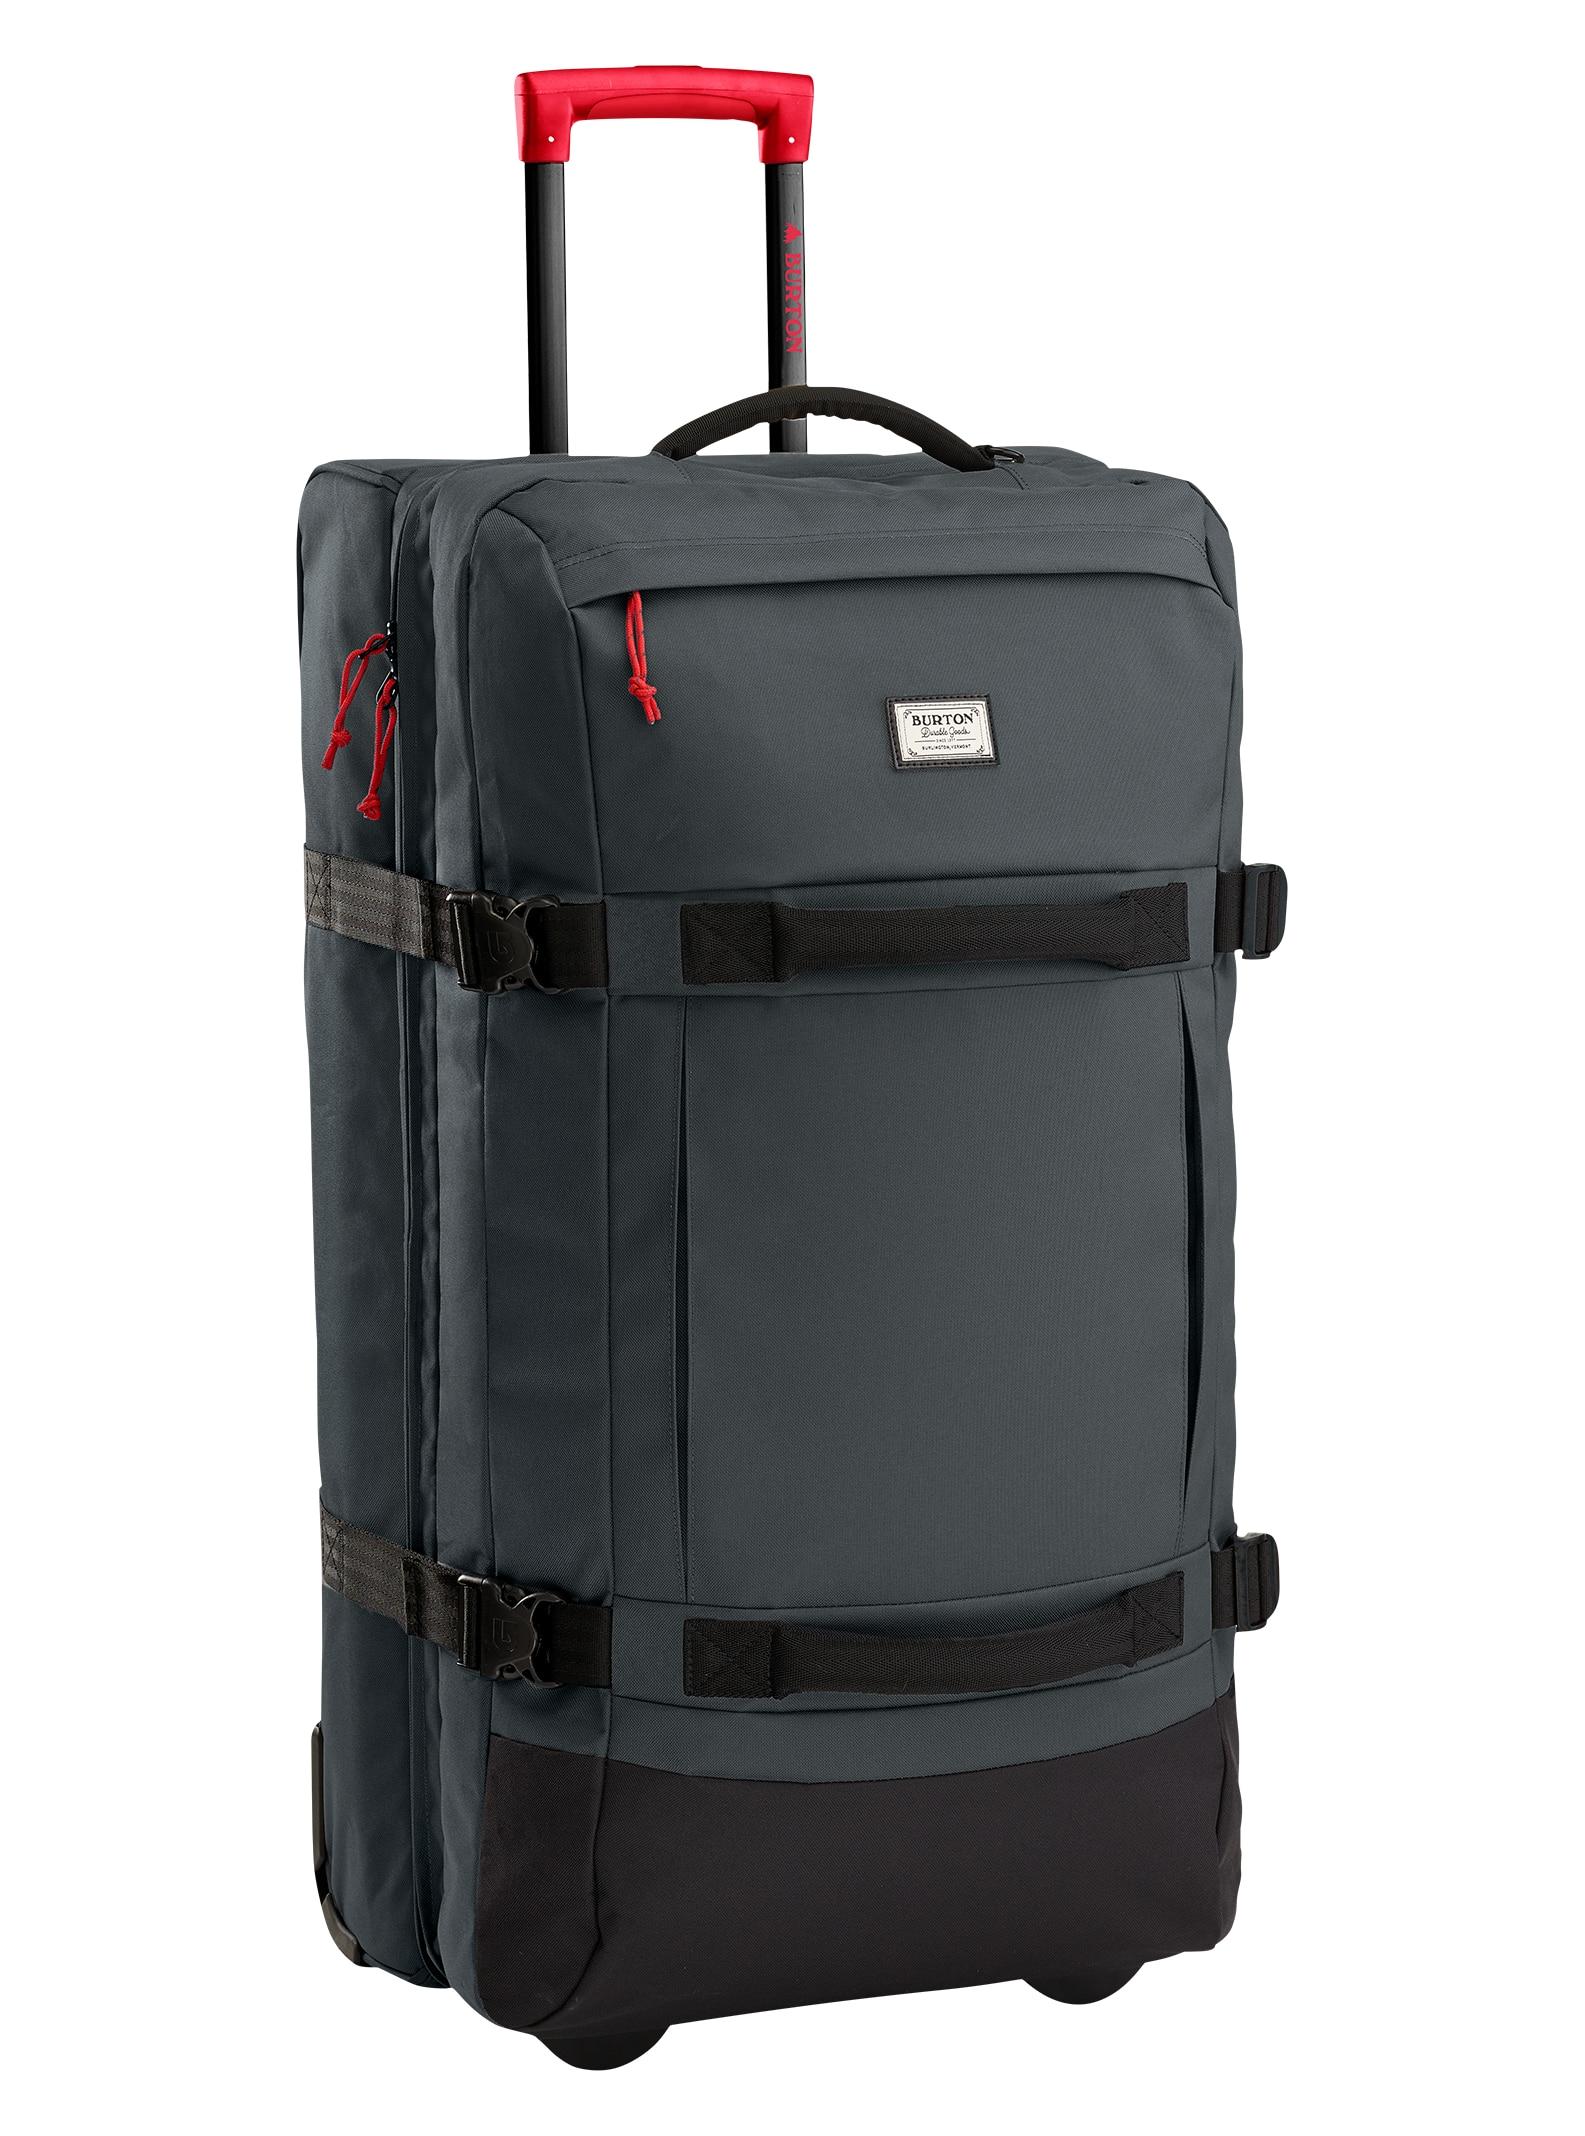 d19b78e2a148 Burton Exodus Roller 120L Travel Bag | Burton.com Spring / Summer 2019